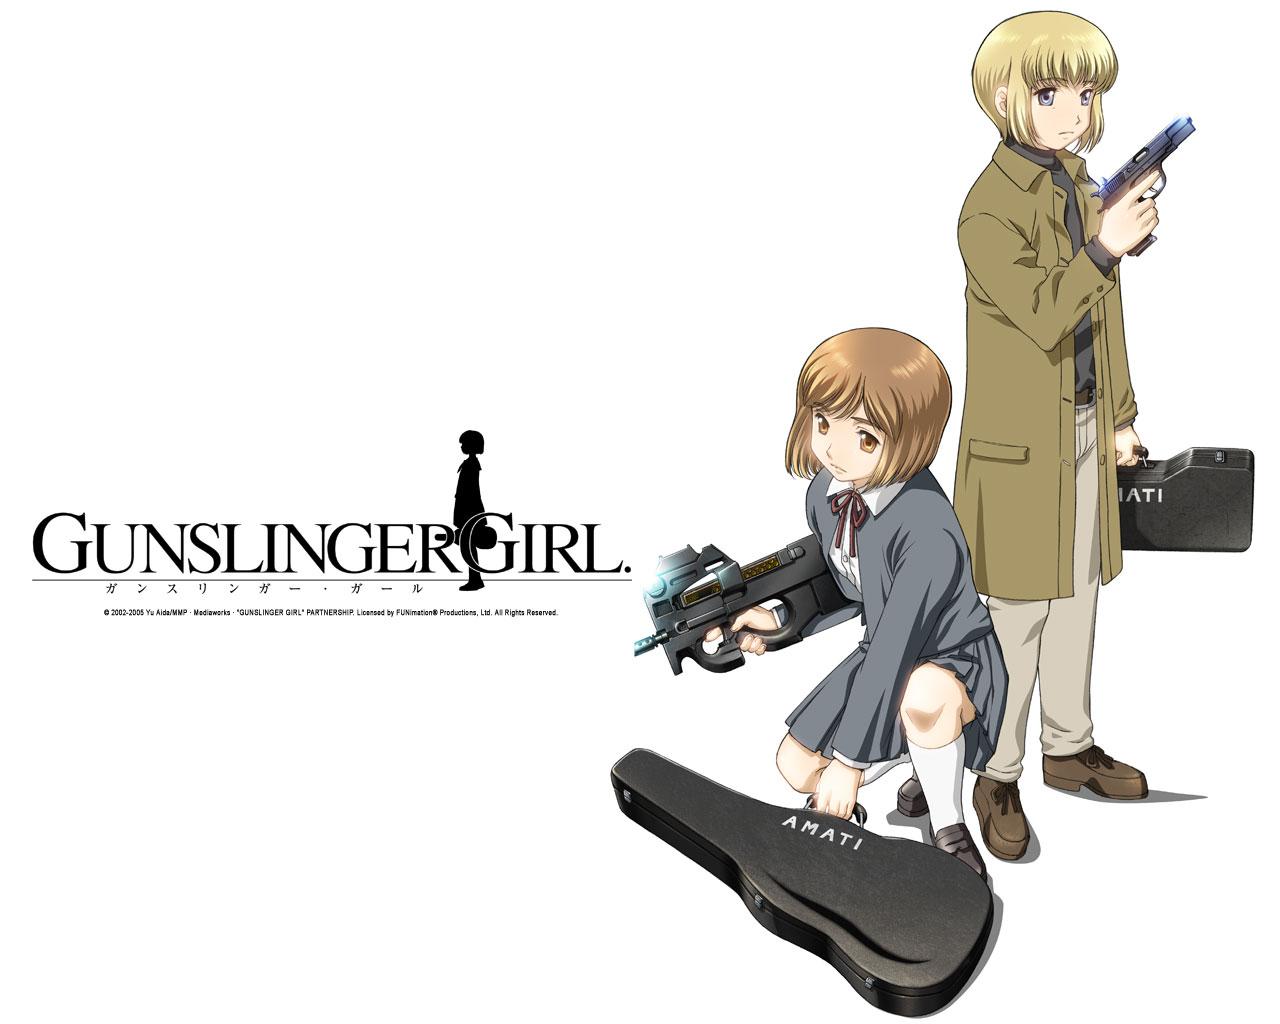 HQ Gunslinger Girl Wallpapers | File 119.75Kb